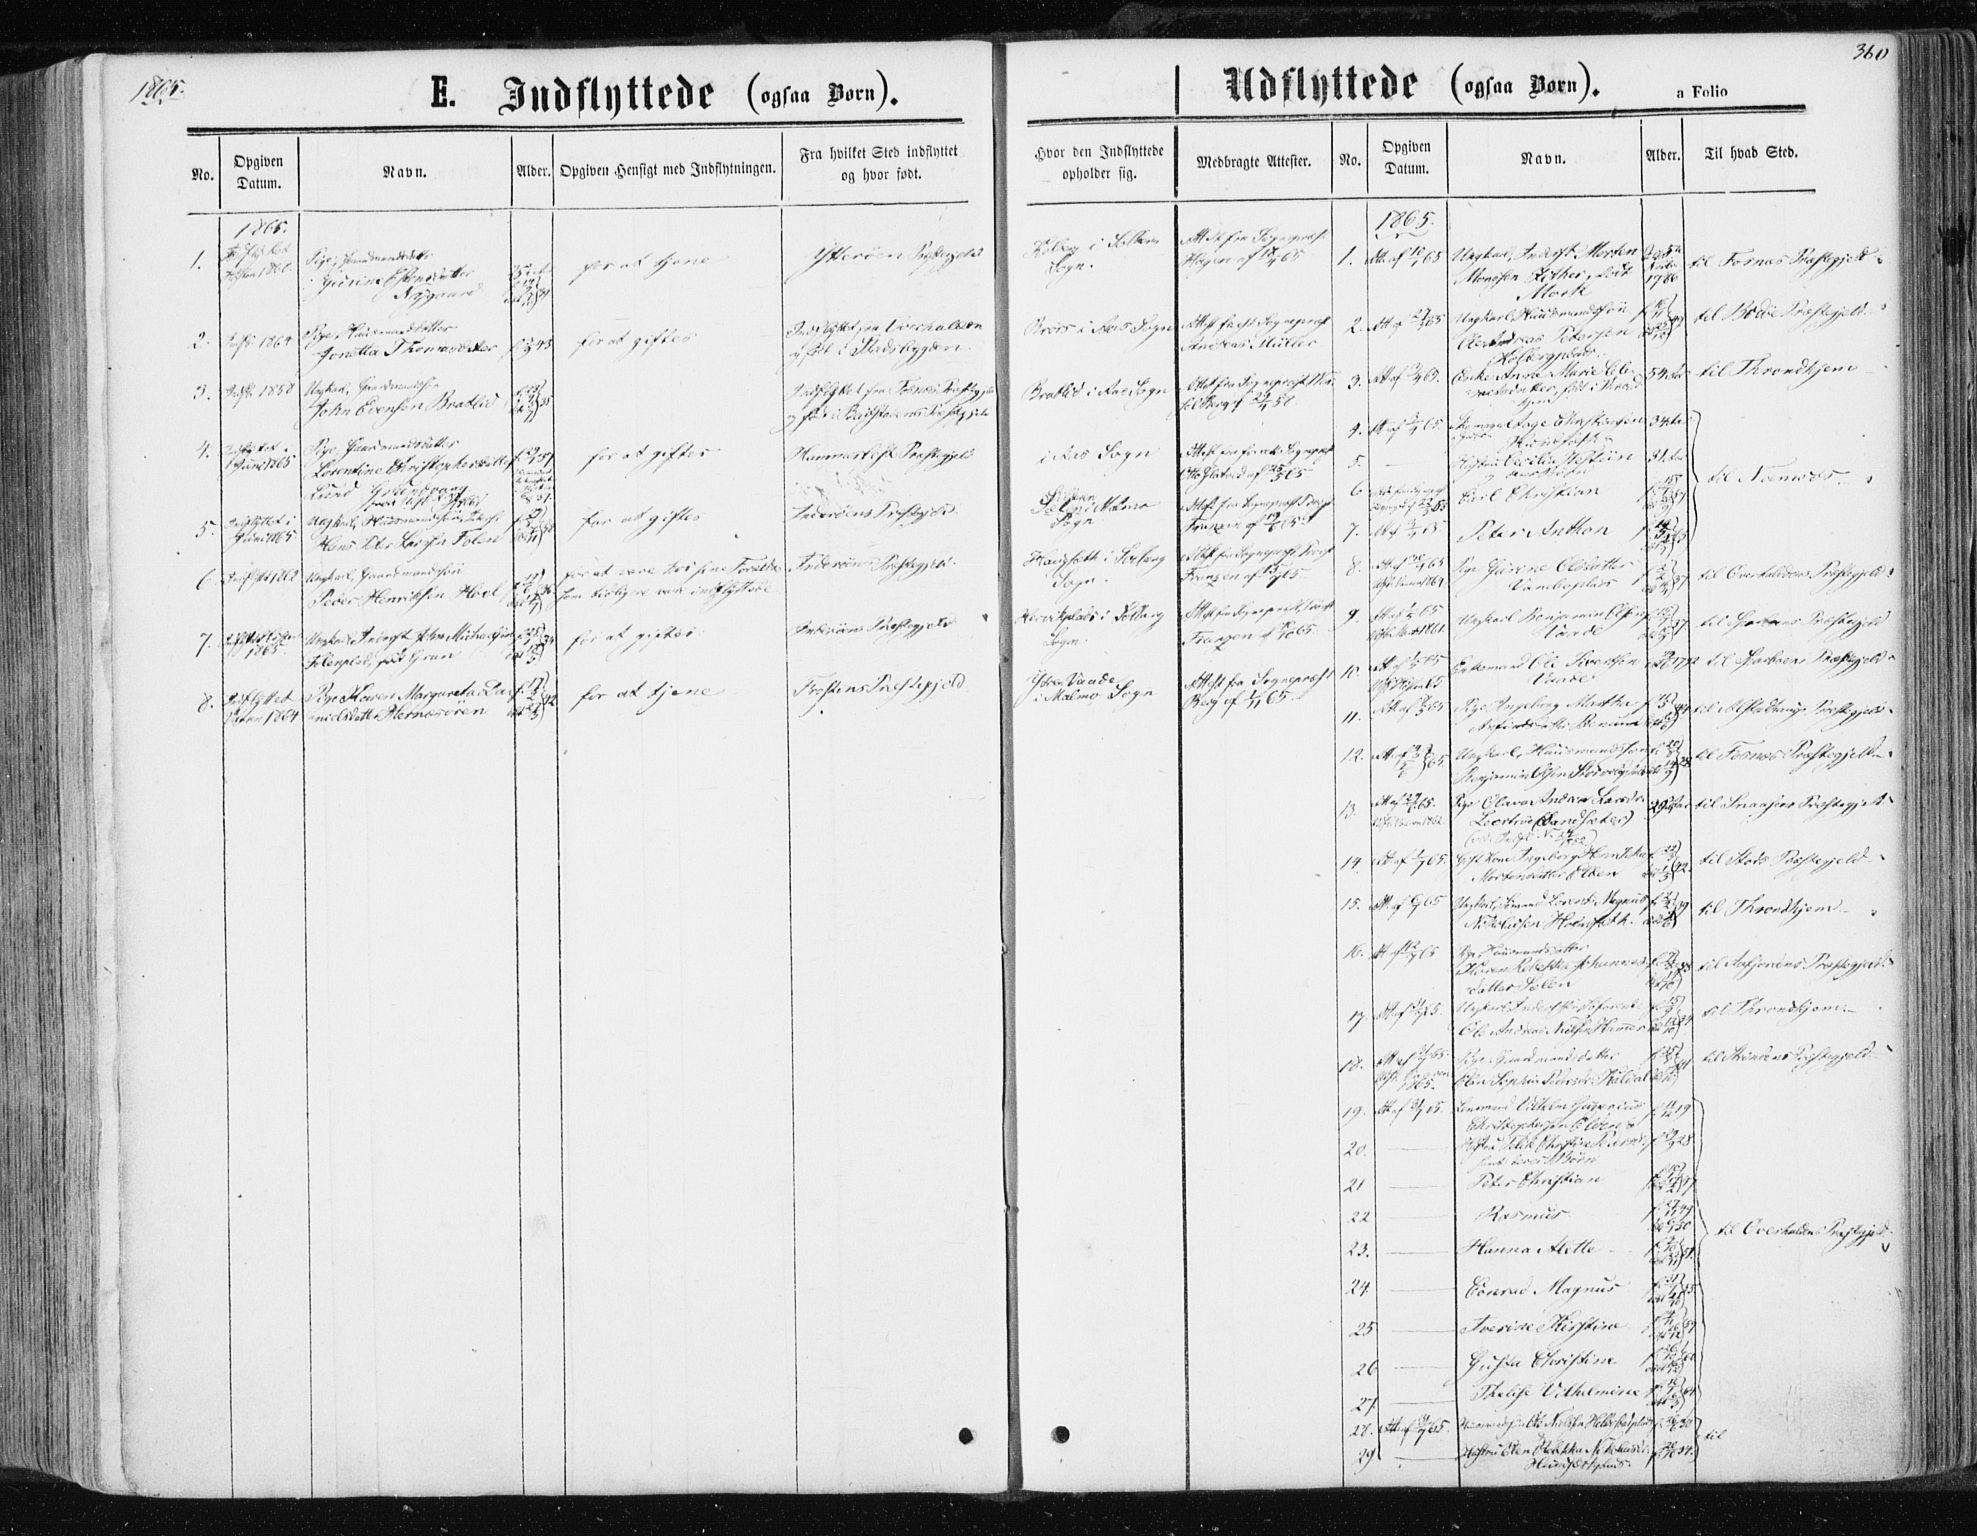 SAT, Ministerialprotokoller, klokkerbøker og fødselsregistre - Nord-Trøndelag, 741/L0394: Ministerialbok nr. 741A08, 1864-1877, s. 360